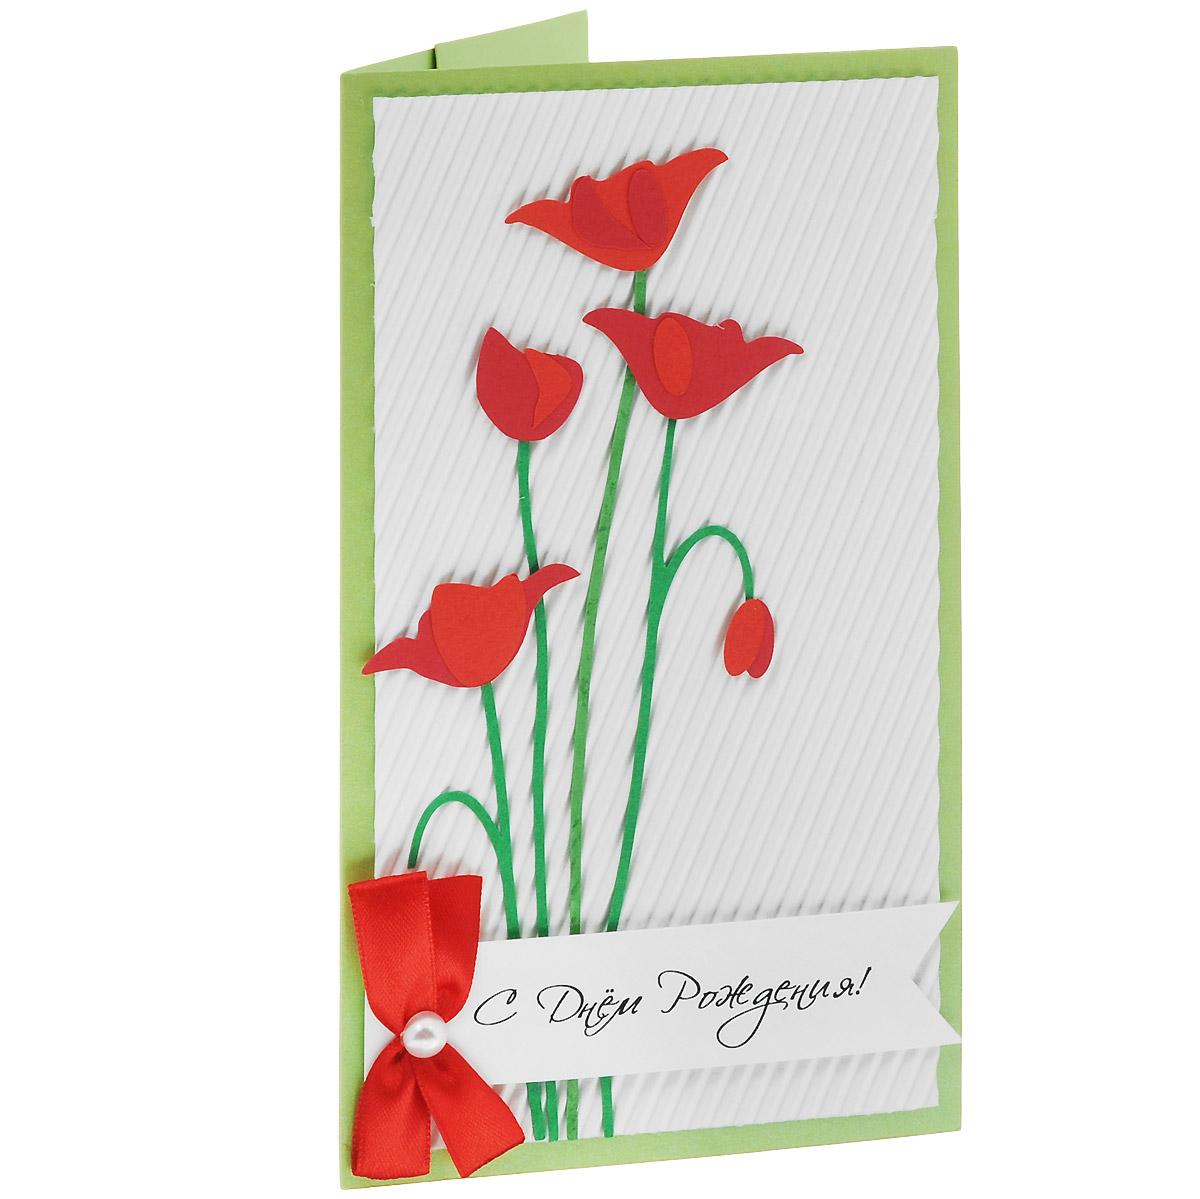 ОЖ-0019 Открытка-конверт «С Днём Рождения!» (маки на белом). Студия «Тётя Роза»Брелок для ключейХарактеристики: Размер 19 см x 11 см.Материал: Высоко-художественный картон, бумага, декор. Данная открытка может стать как прекрасным дополнением к вашему подарку, так и самостоятельным подарком. Так как открытка является и конвертом, в который вы можете вложить ваш денежный подарок или просто написать ваши пожелания на вкладыше. Очень выразительная и лаконичная открытка с полюбившимся мотивом полевых цветов: ярких и трепетных маков. Чистый белый фон разбит диагональными полосками гофрированной текстуры. Поздравление декорировано красным капроновым бантом и жемчугом. Также открытка упакована в пакетик для сохранности.Обращаем Ваше внимание на то, что открытка может незначительно отличаться от представленной на фото.Открытки ручной работы от студии Тётя Роза отличаются своим неповторимым и ярким стилем. Каждая уникальна и выполнена вручную мастерами студии. (Открытка для мужчин, открытка для женщины, открытка на день рождения, открытка с днем свадьбы, открытка винтаж, открытка с юбилеем, открытка на все случаи, скрапбукинг)